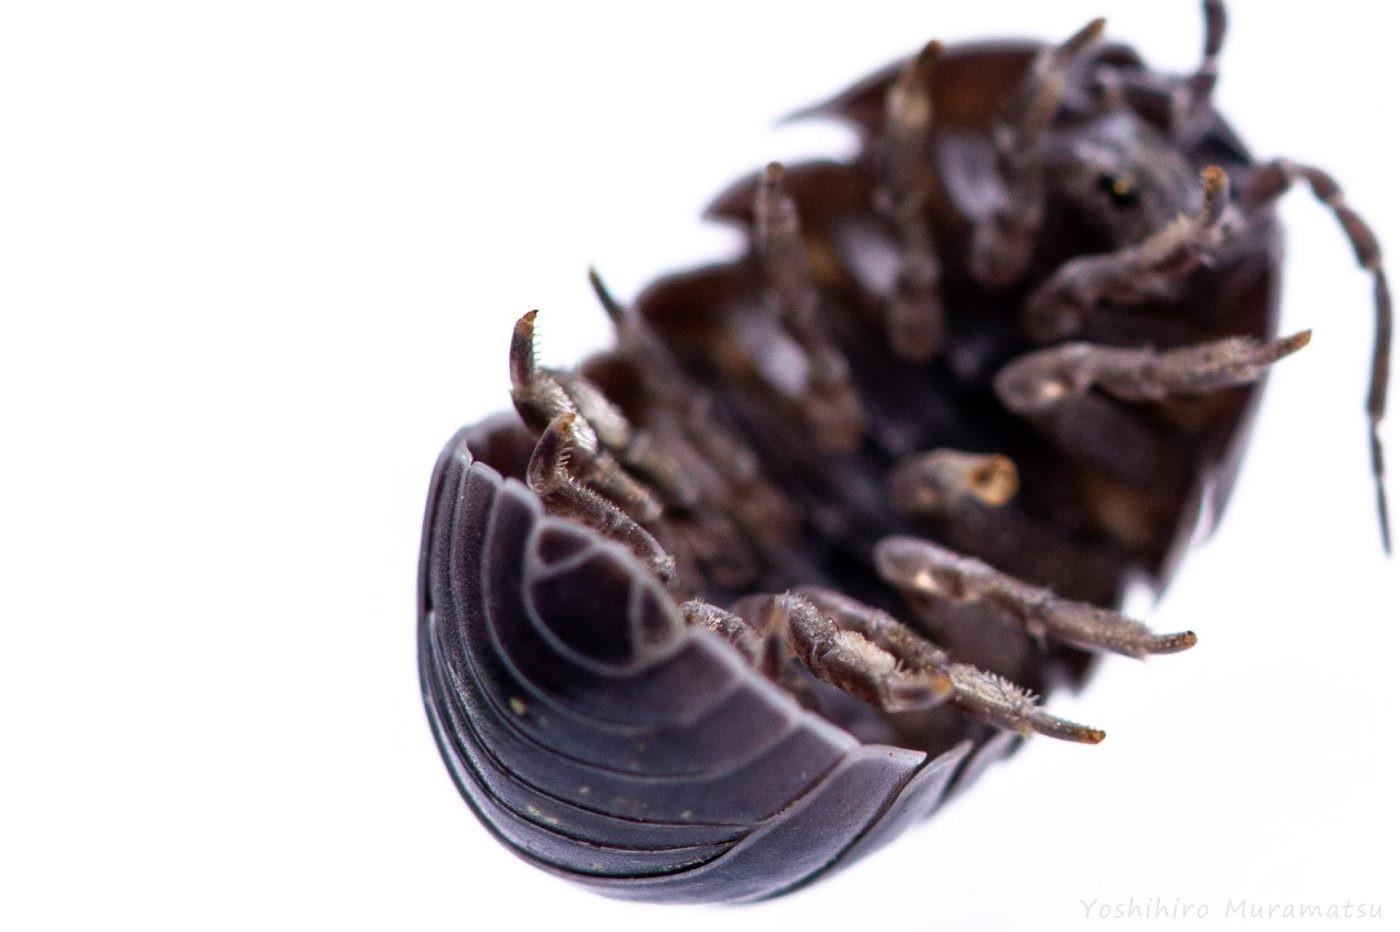 オカダンゴムシの写真